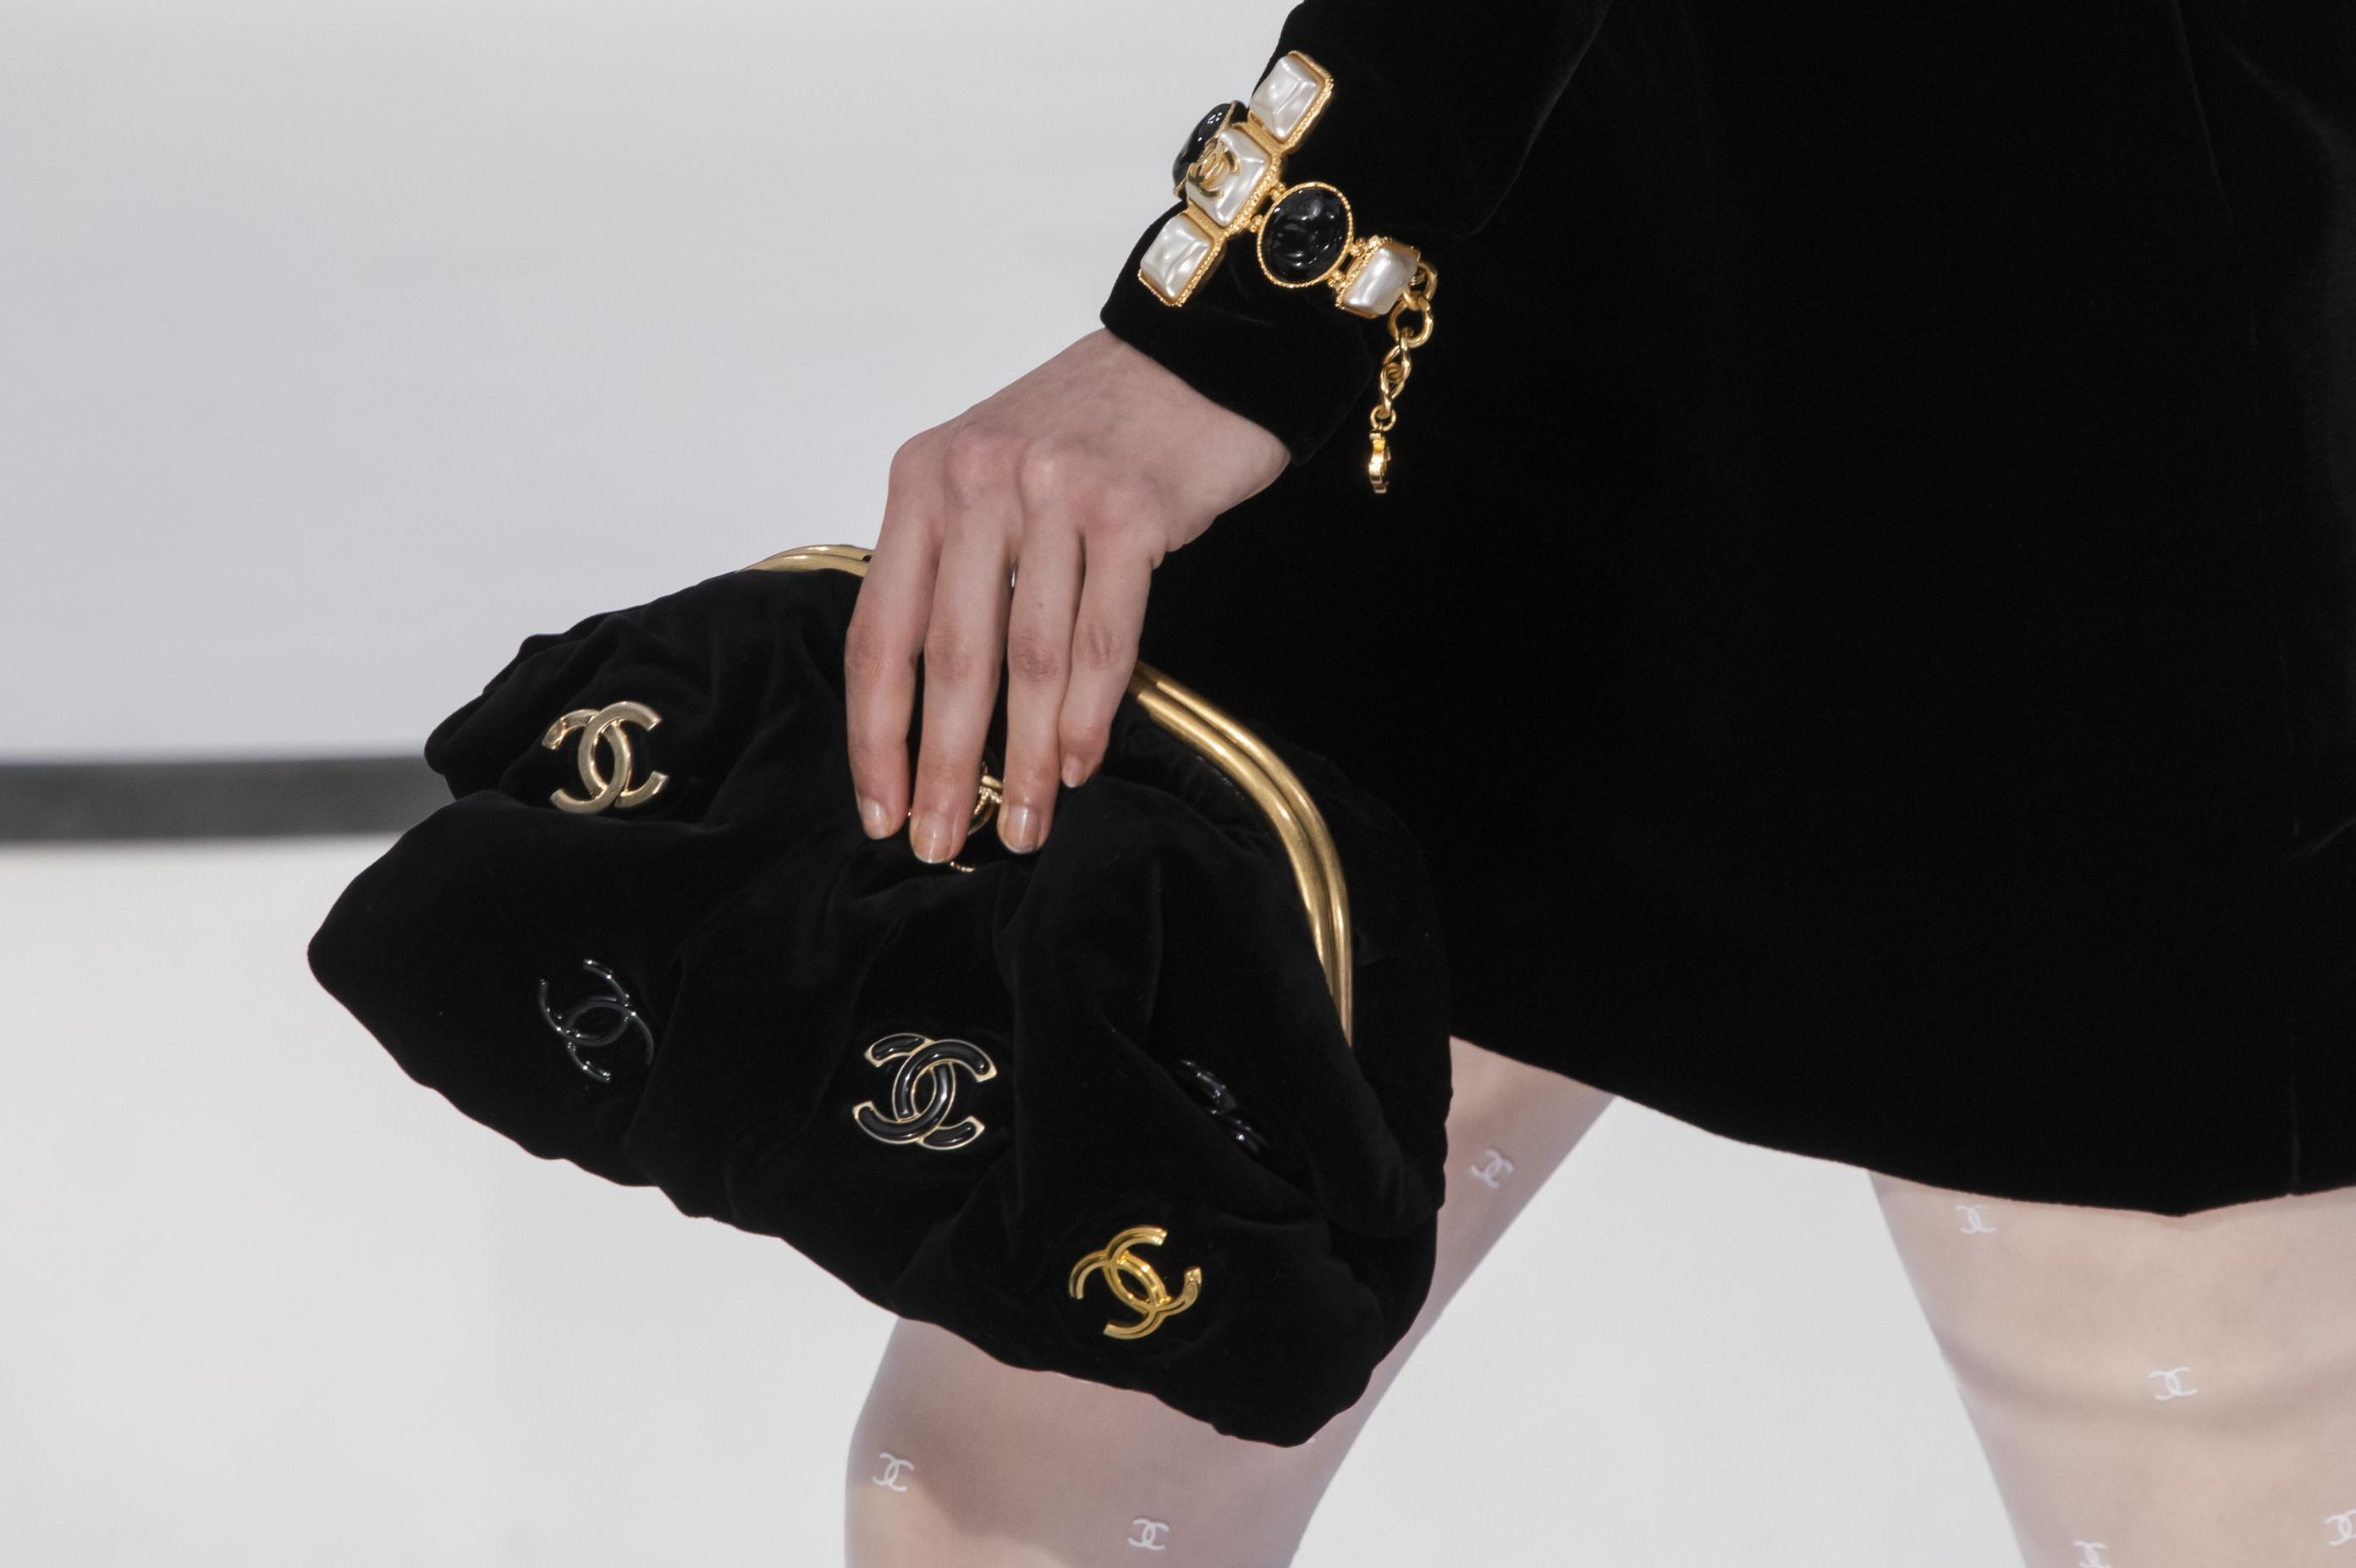 Un clásico en el clóset de muchas mujeres es la cartera Chanel negra con el monograma dorado. (WGSN)